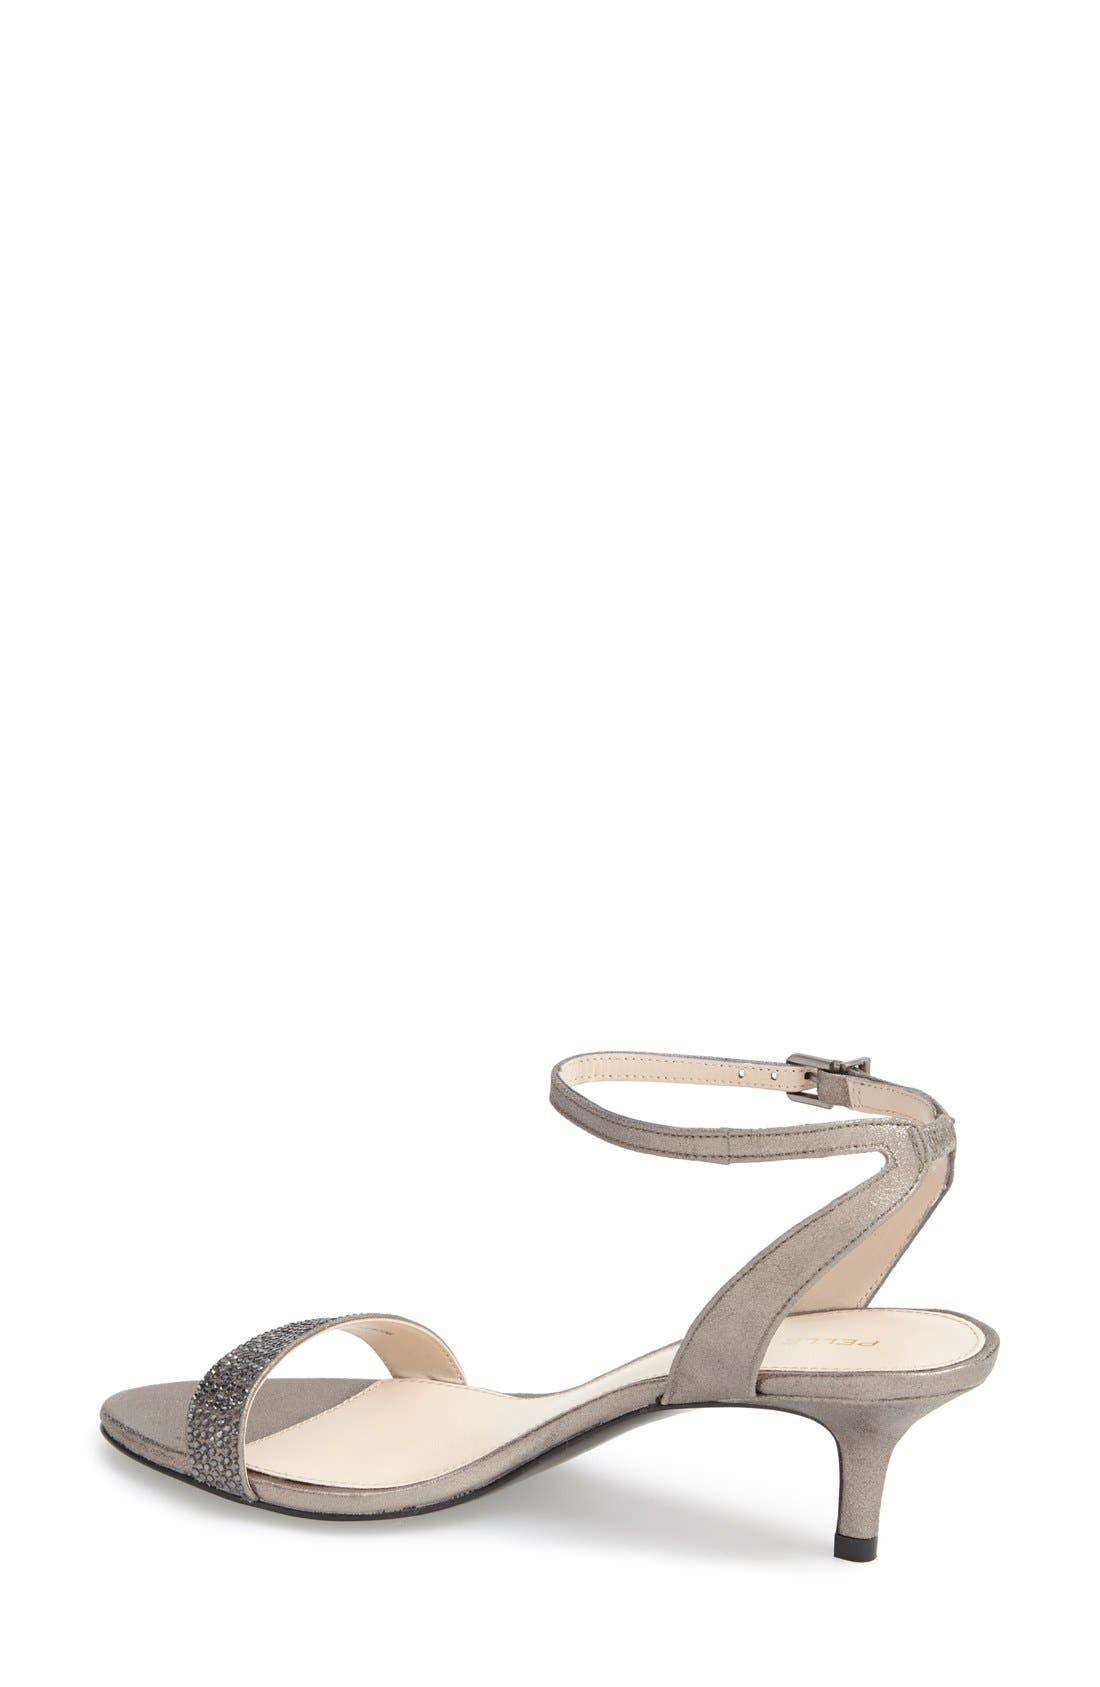 3d39ac68fcce Women s Shoes